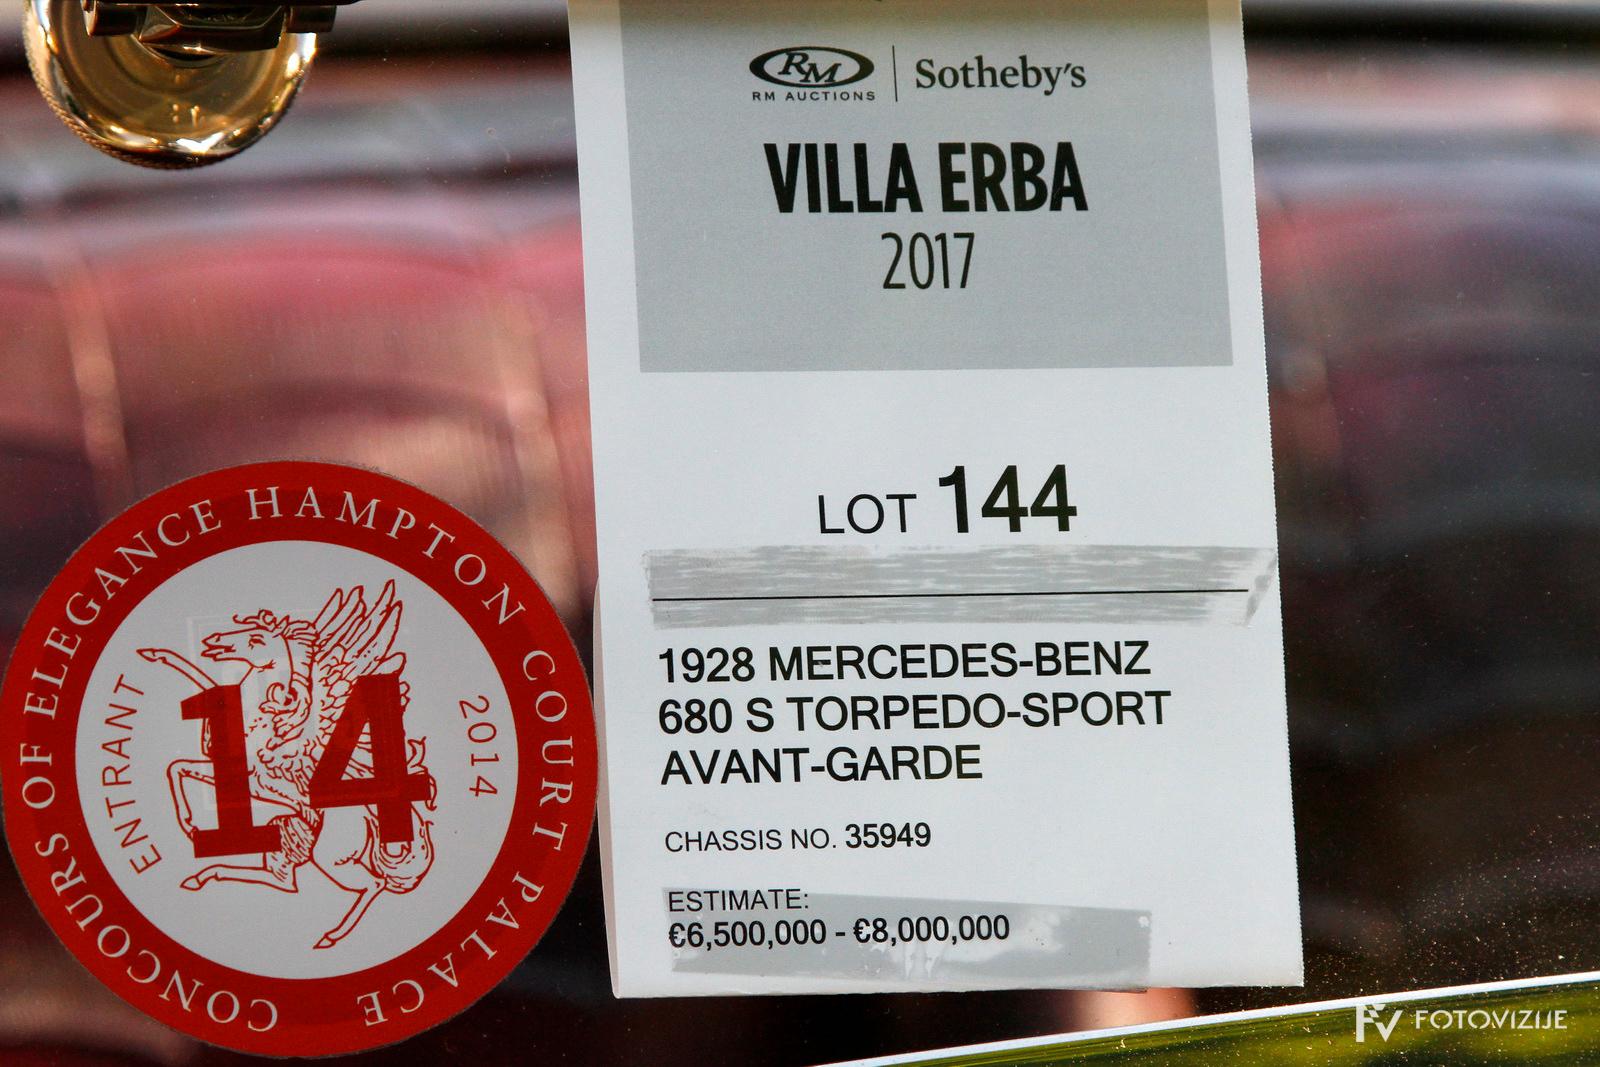 Dražba prestižnih starodobnikov RM Sotheby's auction Villa Erba 2017